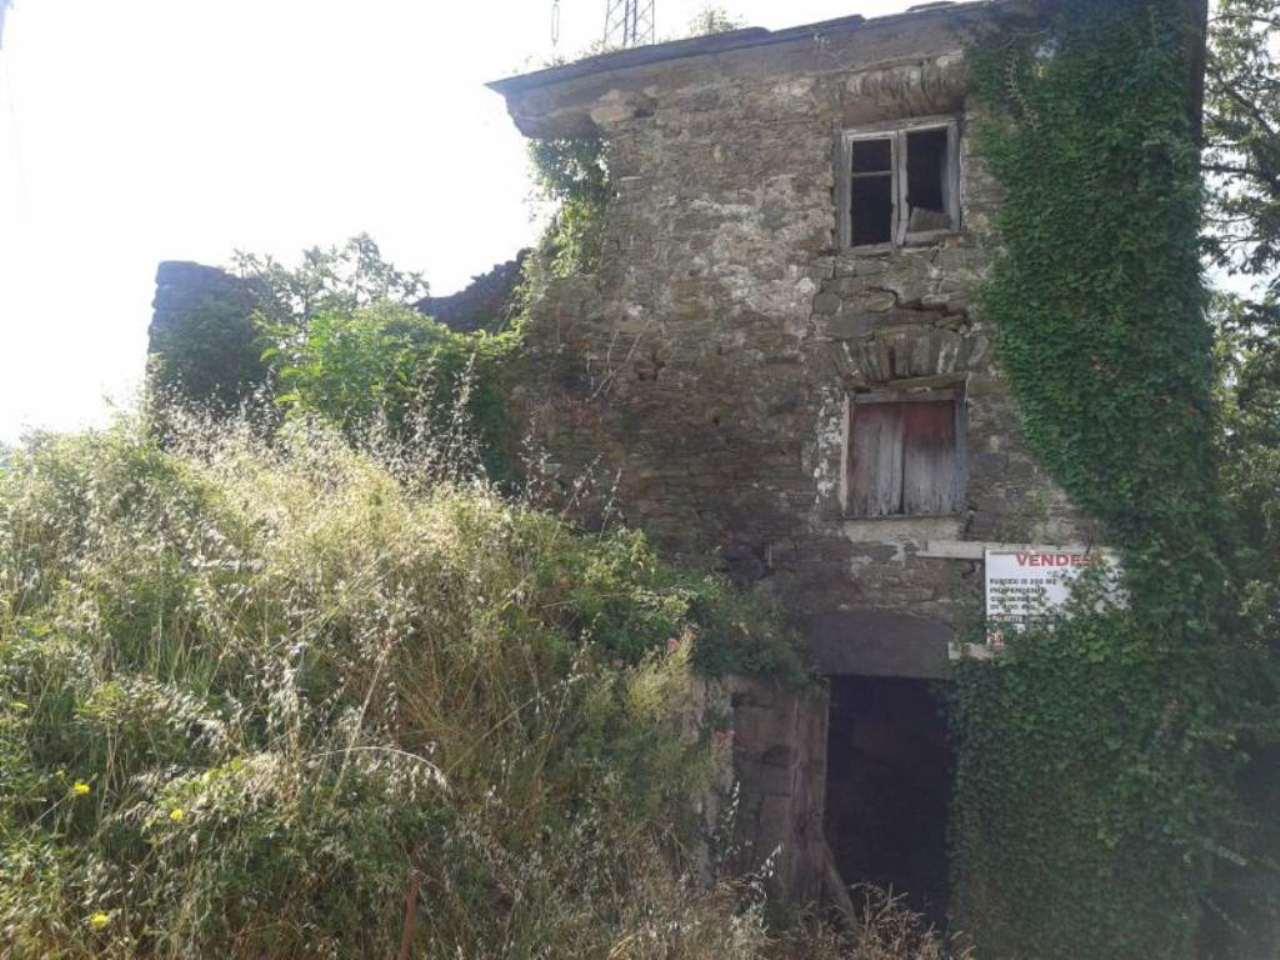 Rustico / Casale in vendita a Borzonasca, 6 locali, prezzo € 39.000 | CambioCasa.it